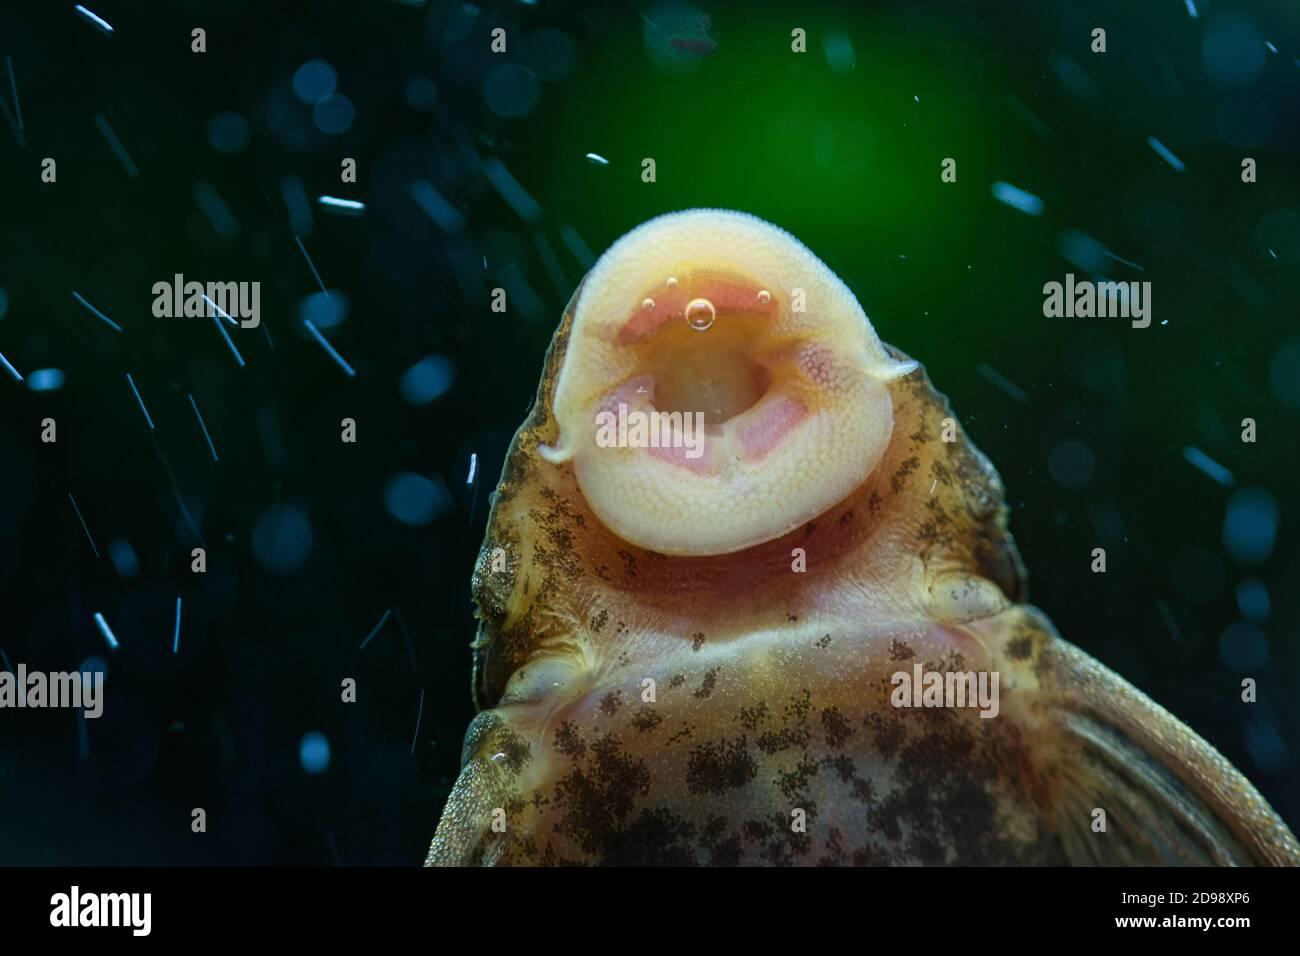 Un pesce dell'acqua delle alghe che succhia alghe dalla parete del serbatoio dell'acquario, texture ravvicinata dettagliata della bocca del pesce e della parte inferiore del corpo, sfondo verde scuro sfocato Foto Stock